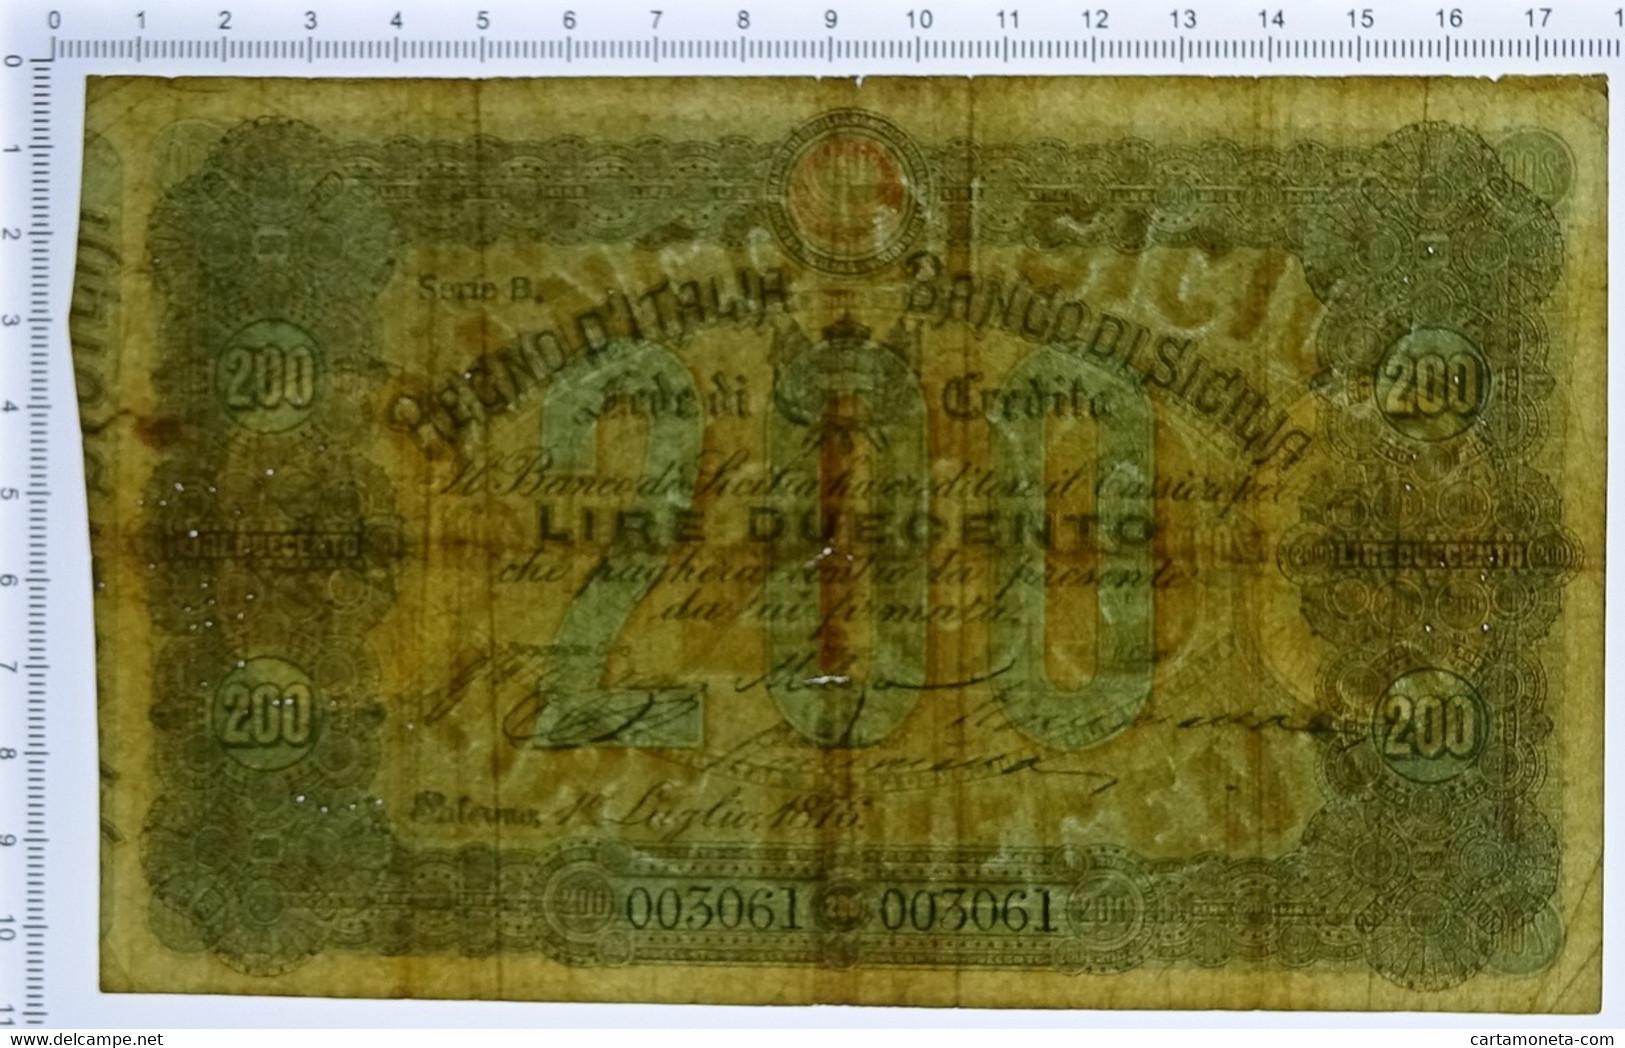 200 LIRE BANCO DI SICILIA FEDE DI CREDITO 01/07/1876 QBB - [ 1] …-1946 : Regno